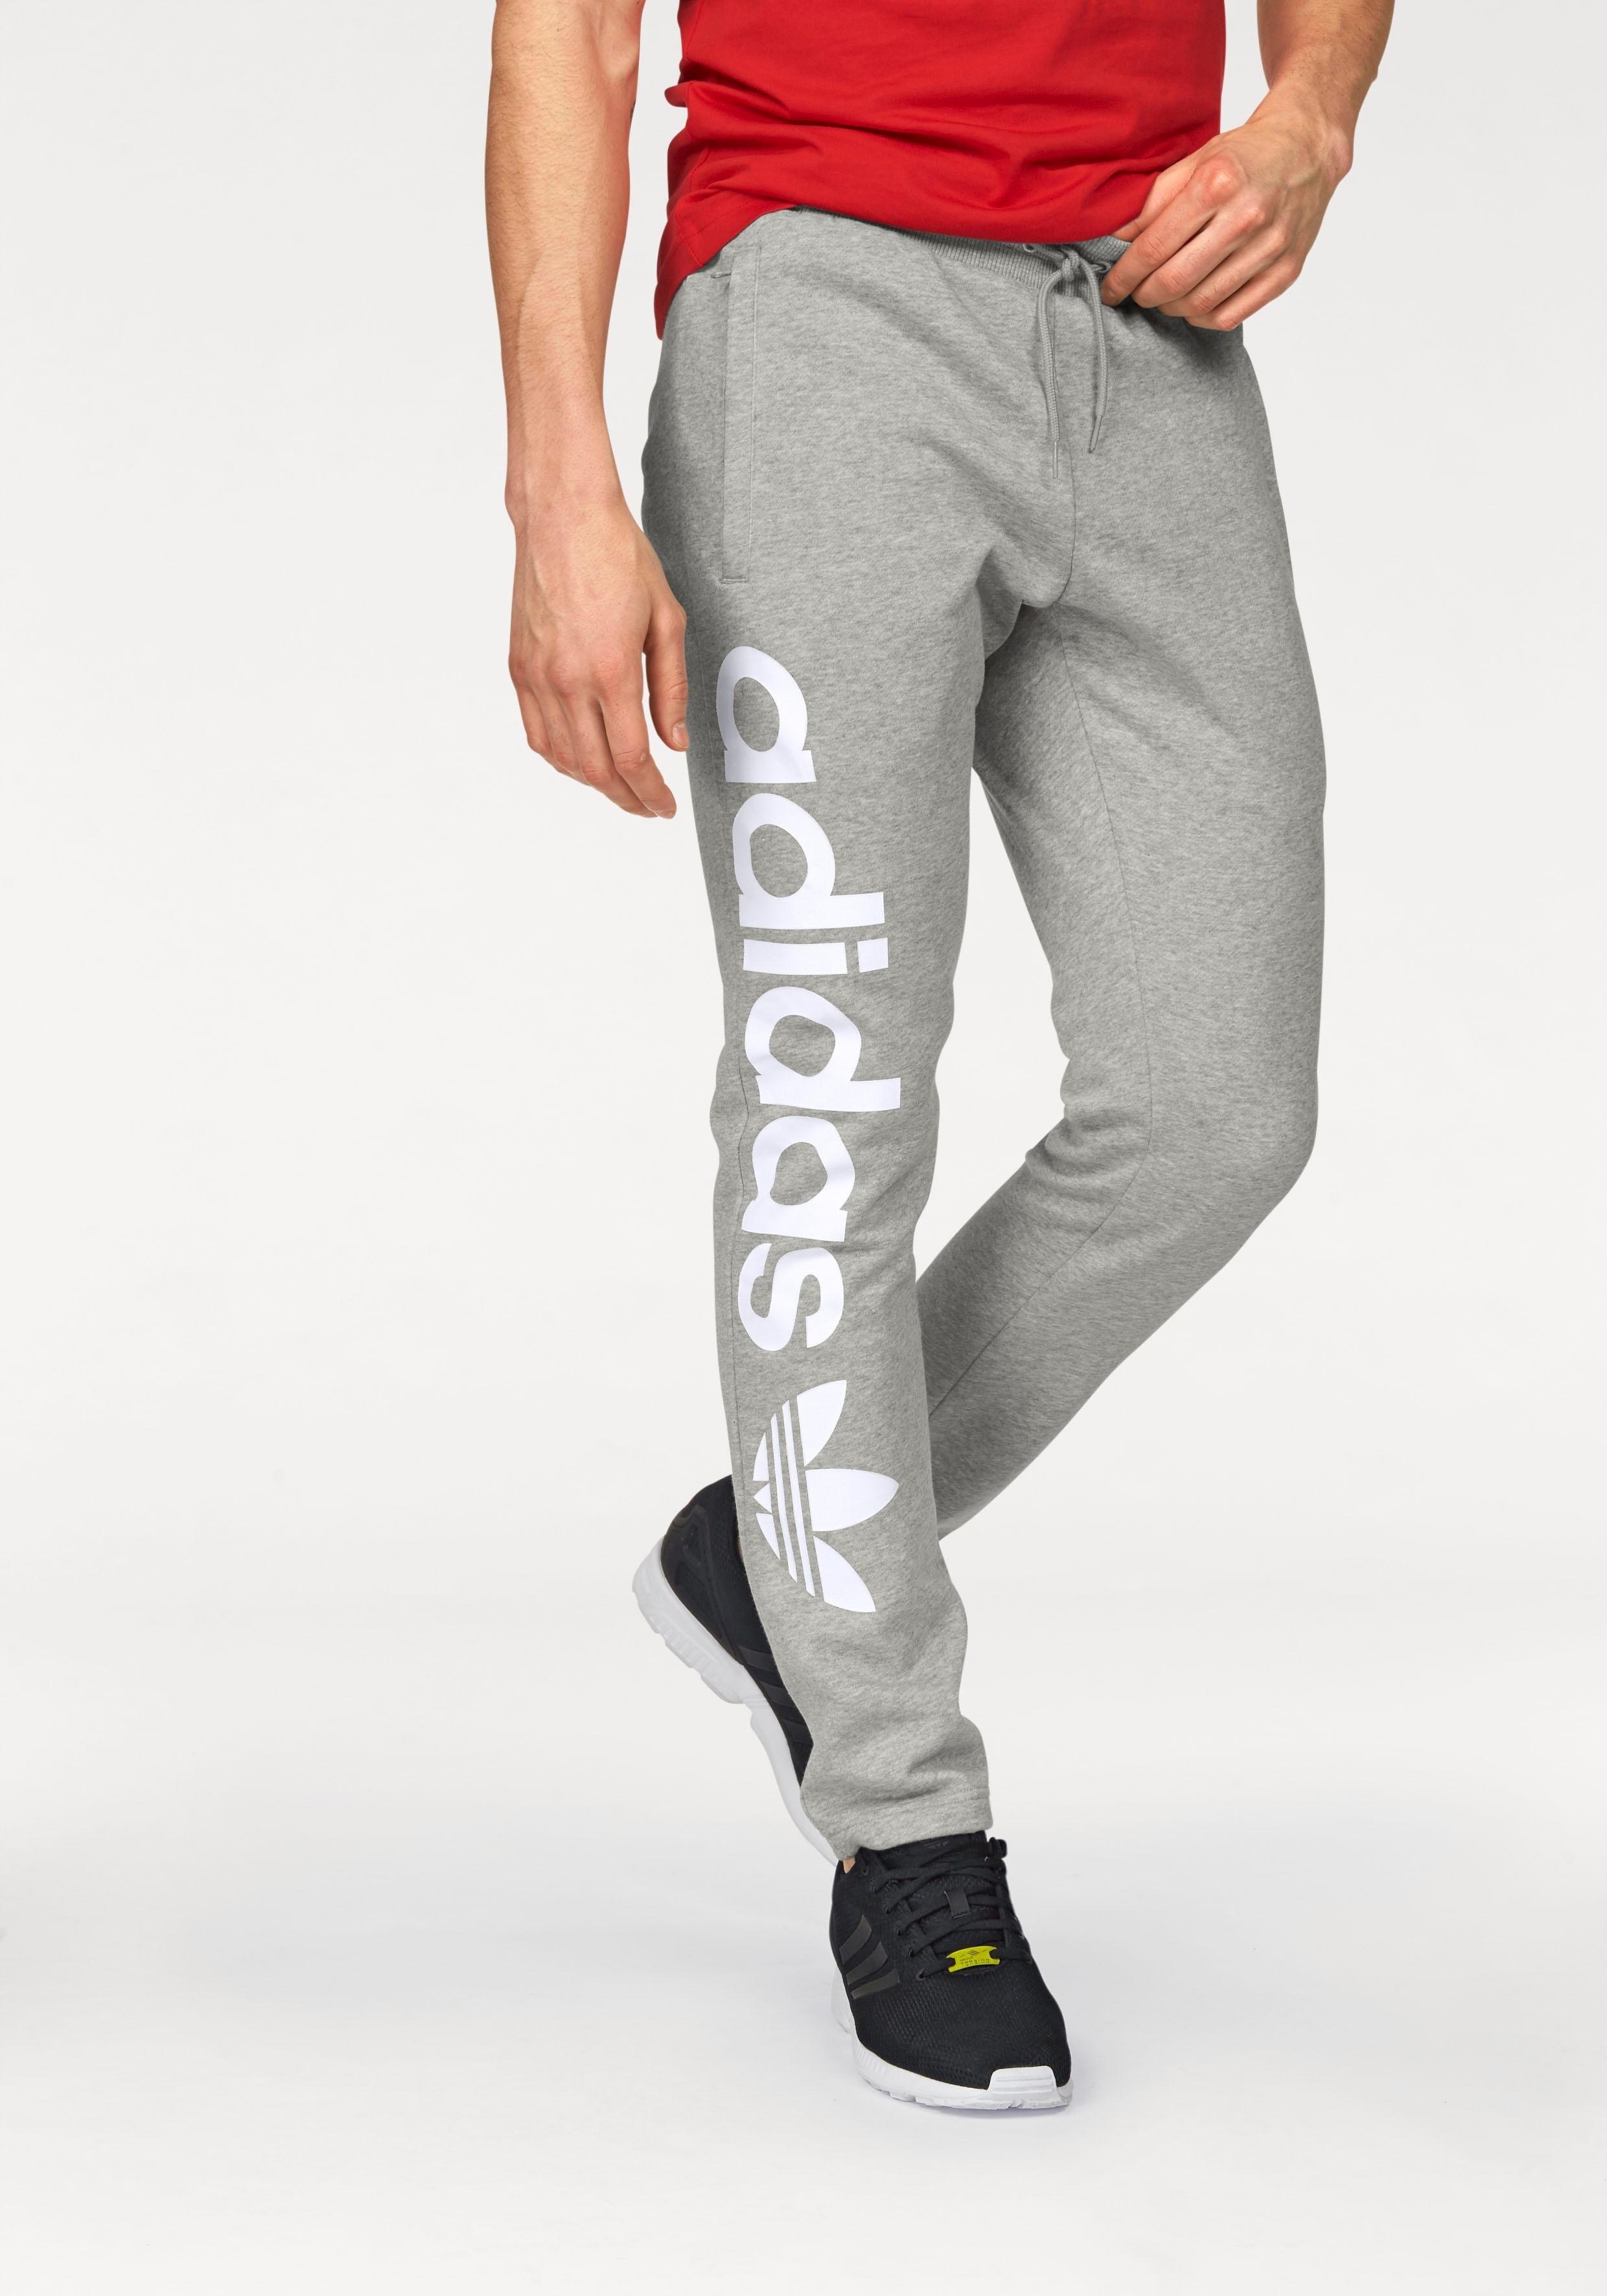 Adidas Originals trainingsbroek veilig op otto.nl kopen